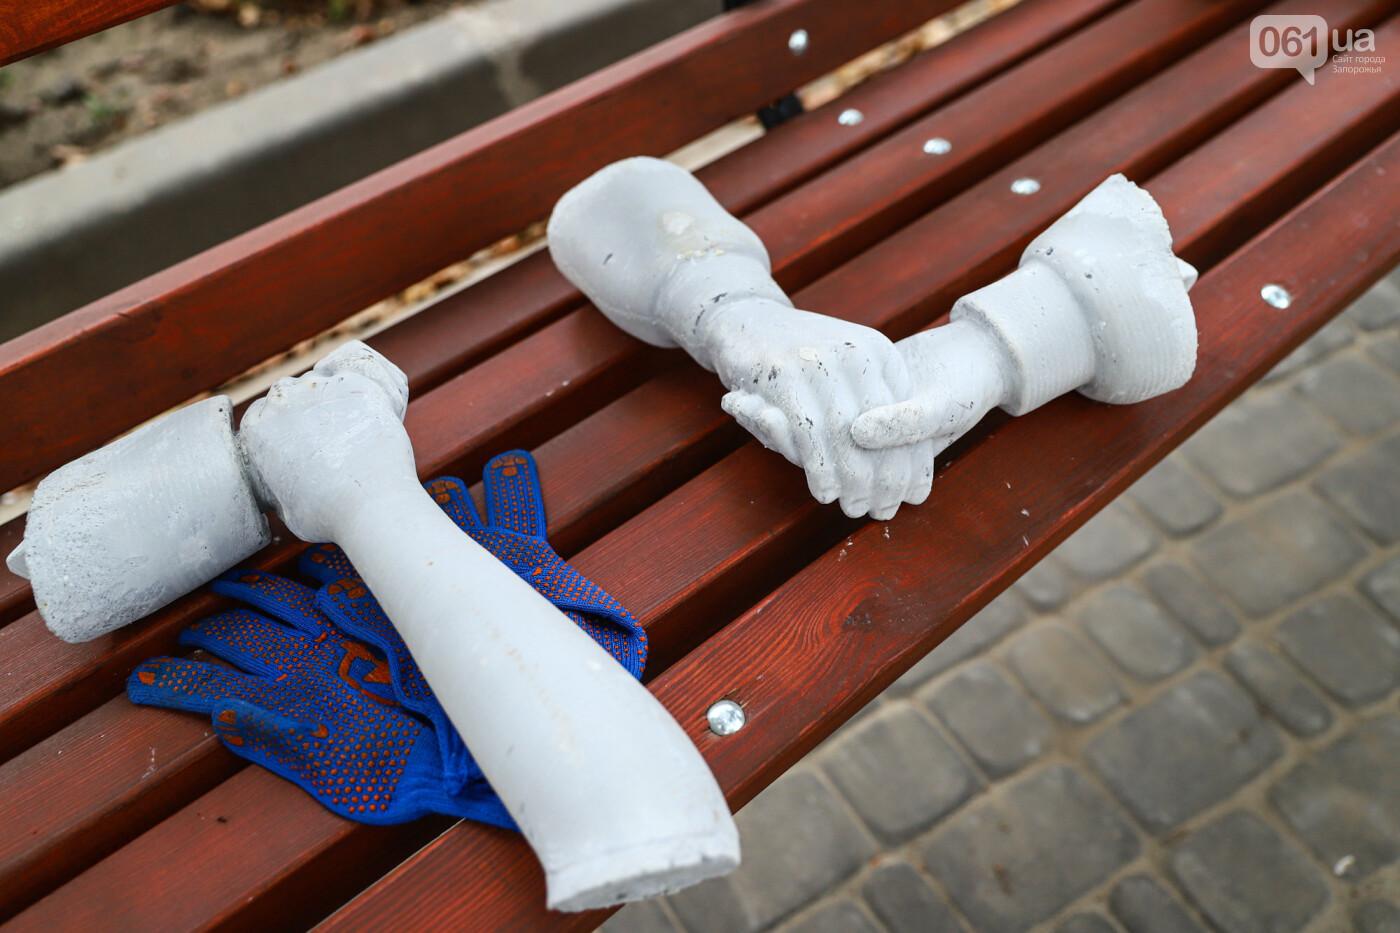 ЛГБТ-прайд, эко-митинг и восстановленные скульптуры в сквере Пионеров: сентябрь в фотографиях , фото-140